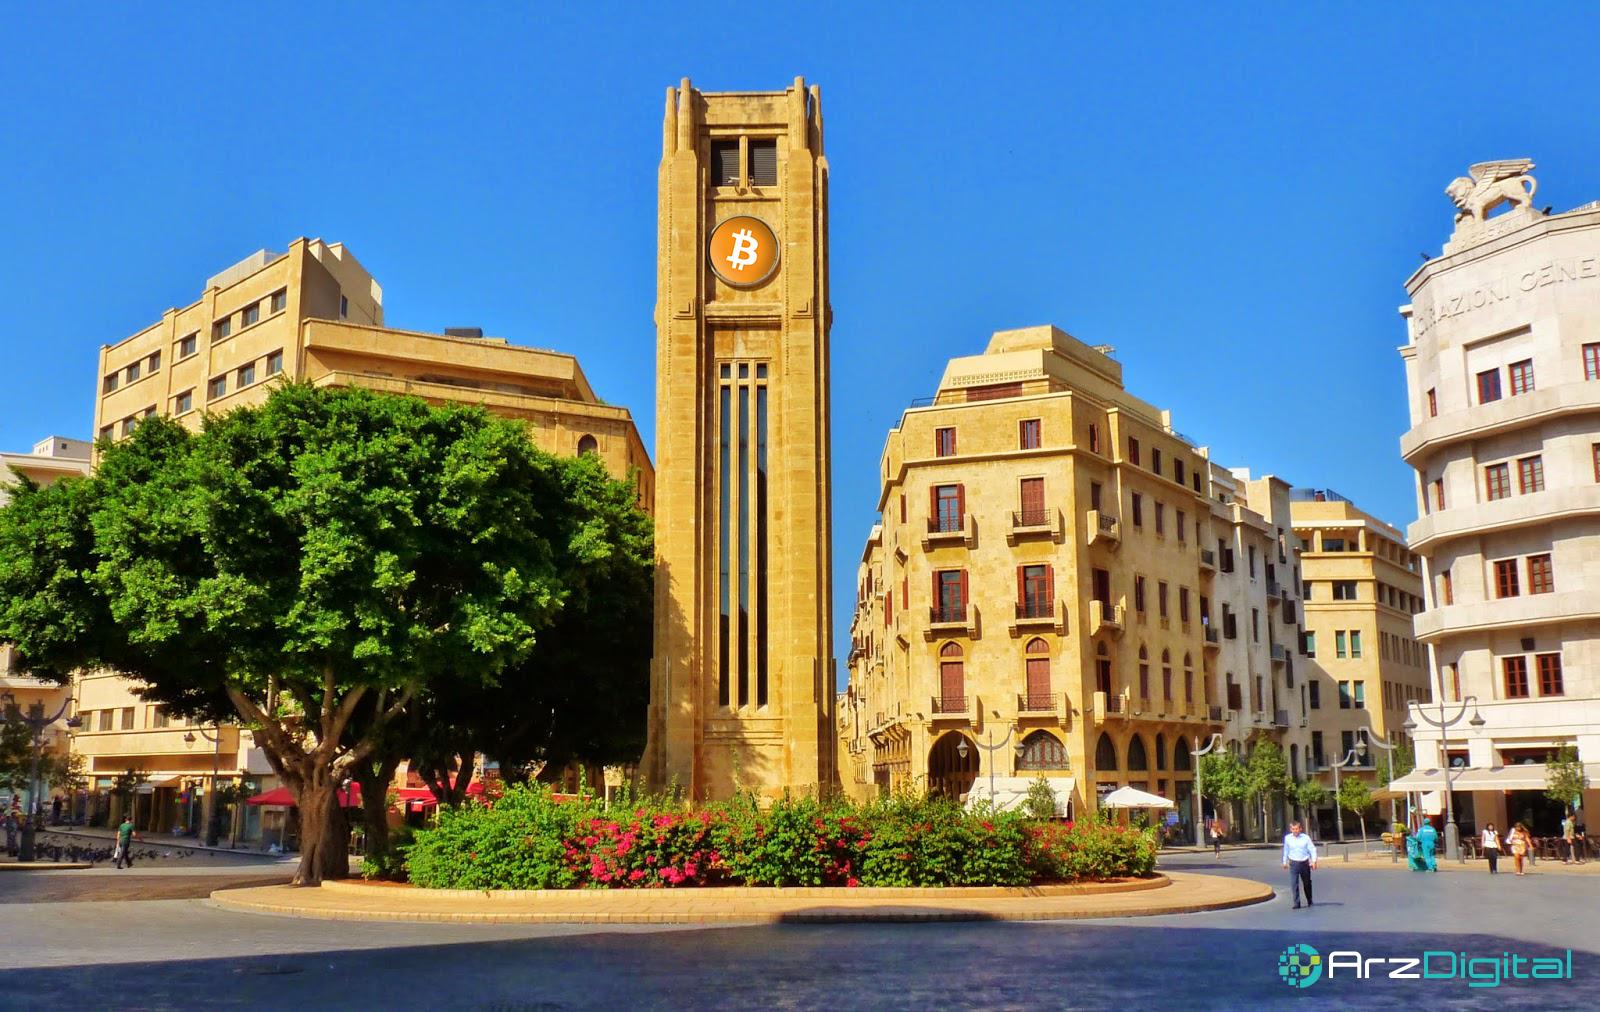 بانک مرکزی لبنان به حمایت دولت از ارزهای رمزنگاری شده اشاره کرد